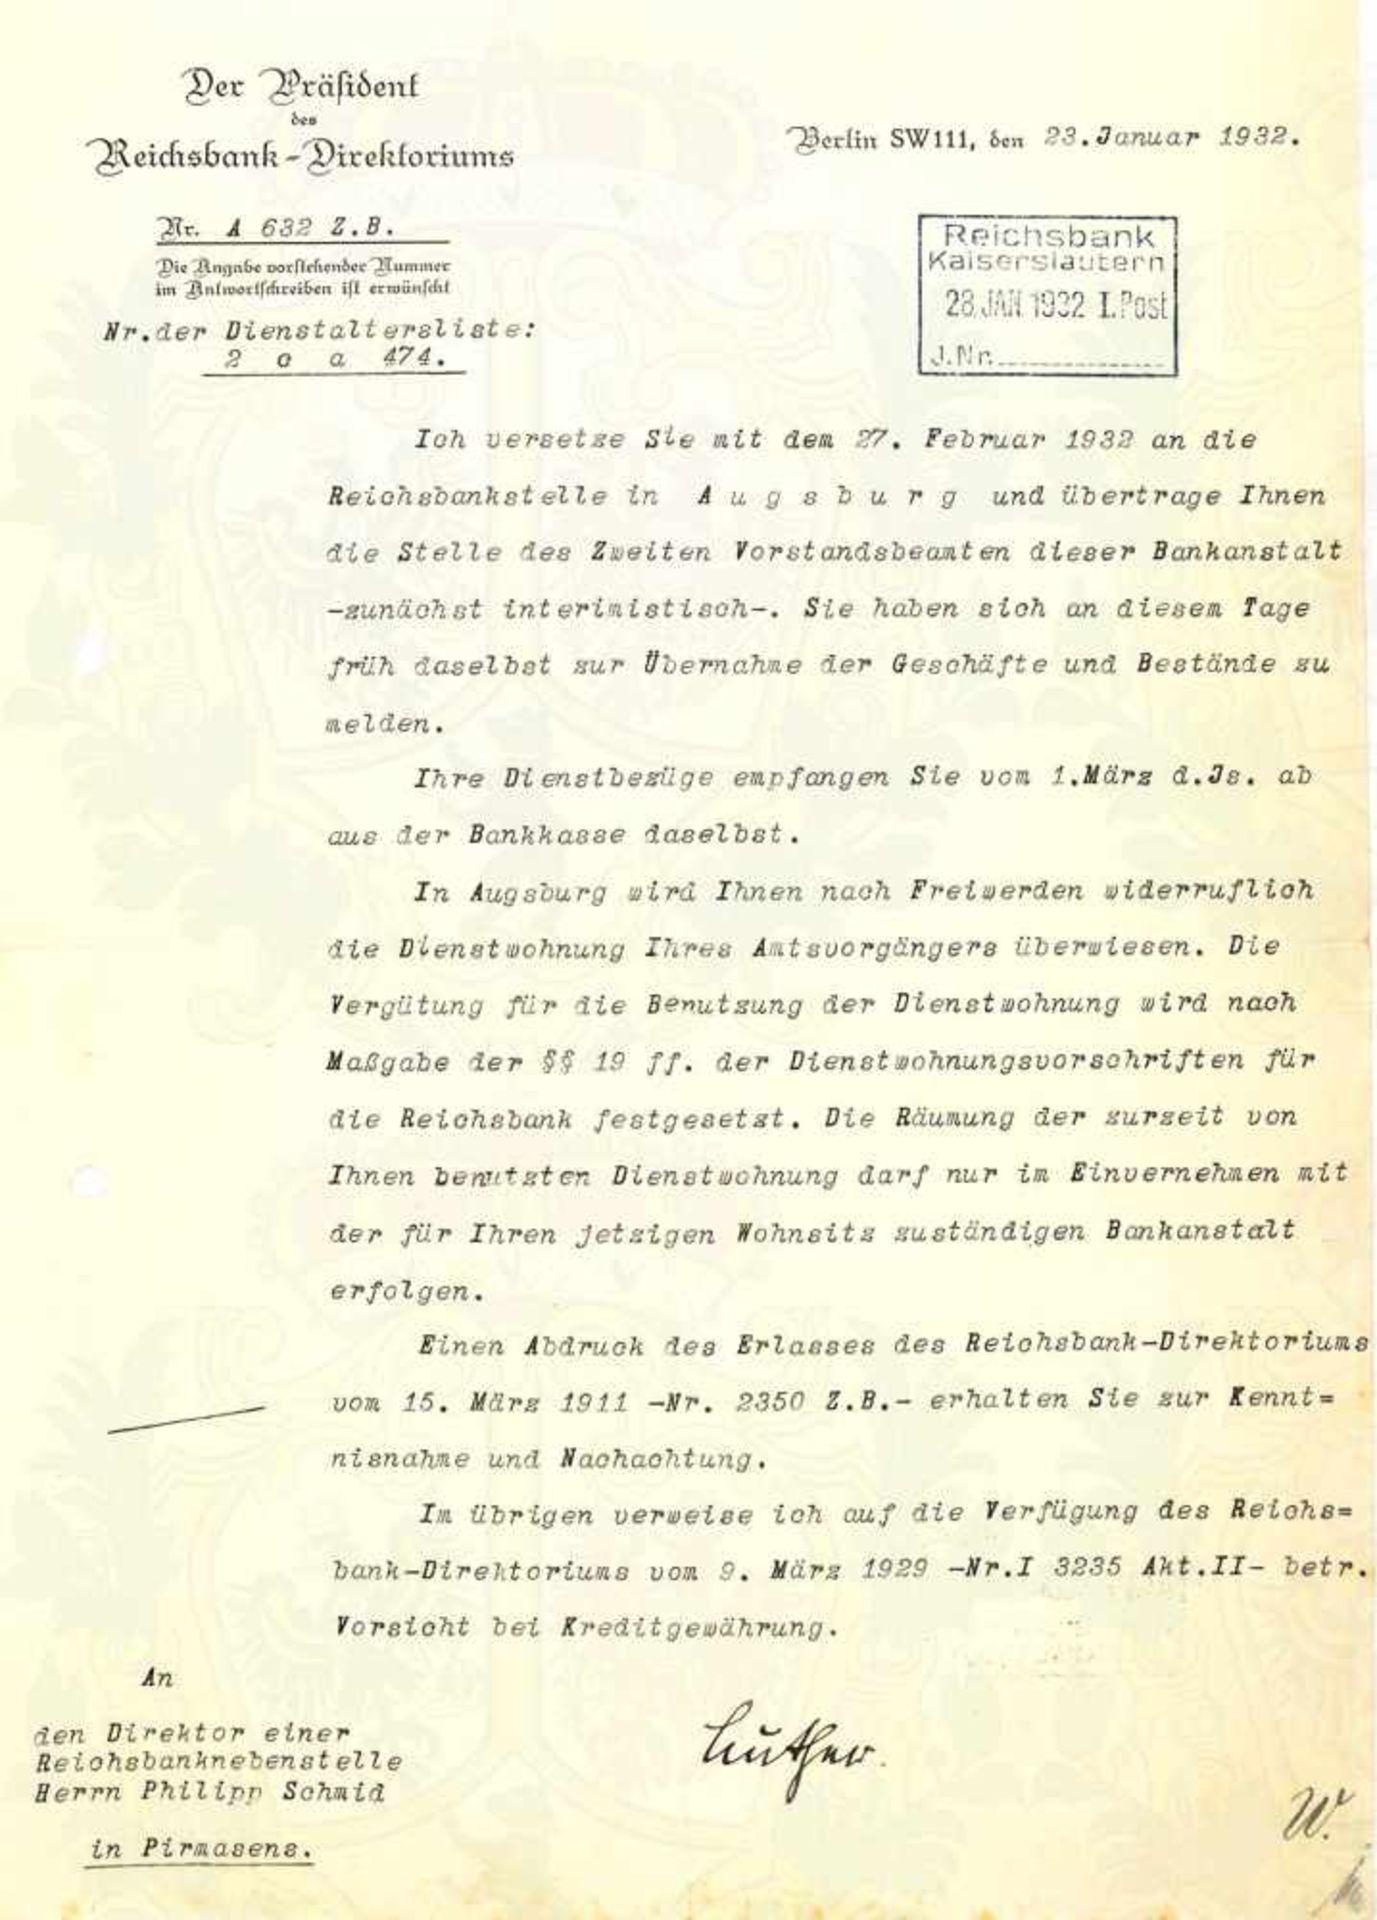 Los 16 - LUTHER, HANS, (1879-1962), dt. Politiker u. 1925-1926 Reichskanzler d. Weimarer Republik, Tinten-